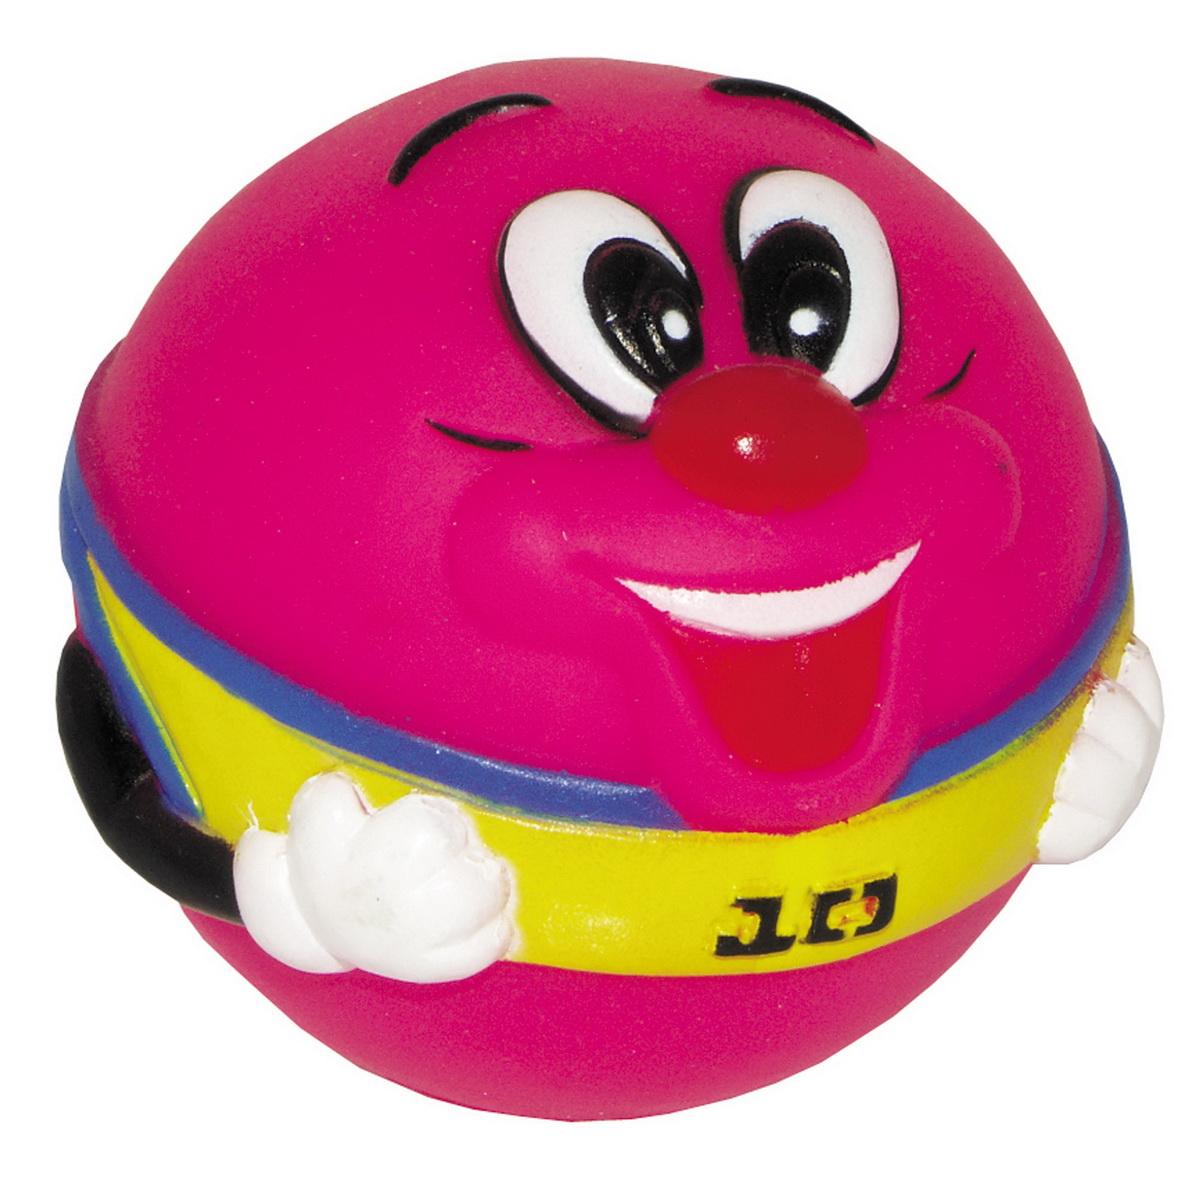 Игрушка для собак Dezzie Мяч. Собачья радость, цвет: розовый, диаметр 8,5 см. 56040084023_aИгрушка для собак Dezzie Мяч. Собачья радость из винила практична, функциональна и совершенно безопасна для здоровья животного. Ее легко мыть и дезинфицировать. Такая игрушка очень легкая, поэтому собаке совсем нетрудно брать ее в пасть и переносить с места на место. Игрушка из винила станет прекрасным подарком для неугомонного четвероногого питомца.Диаметр мяча: 8,5 см.